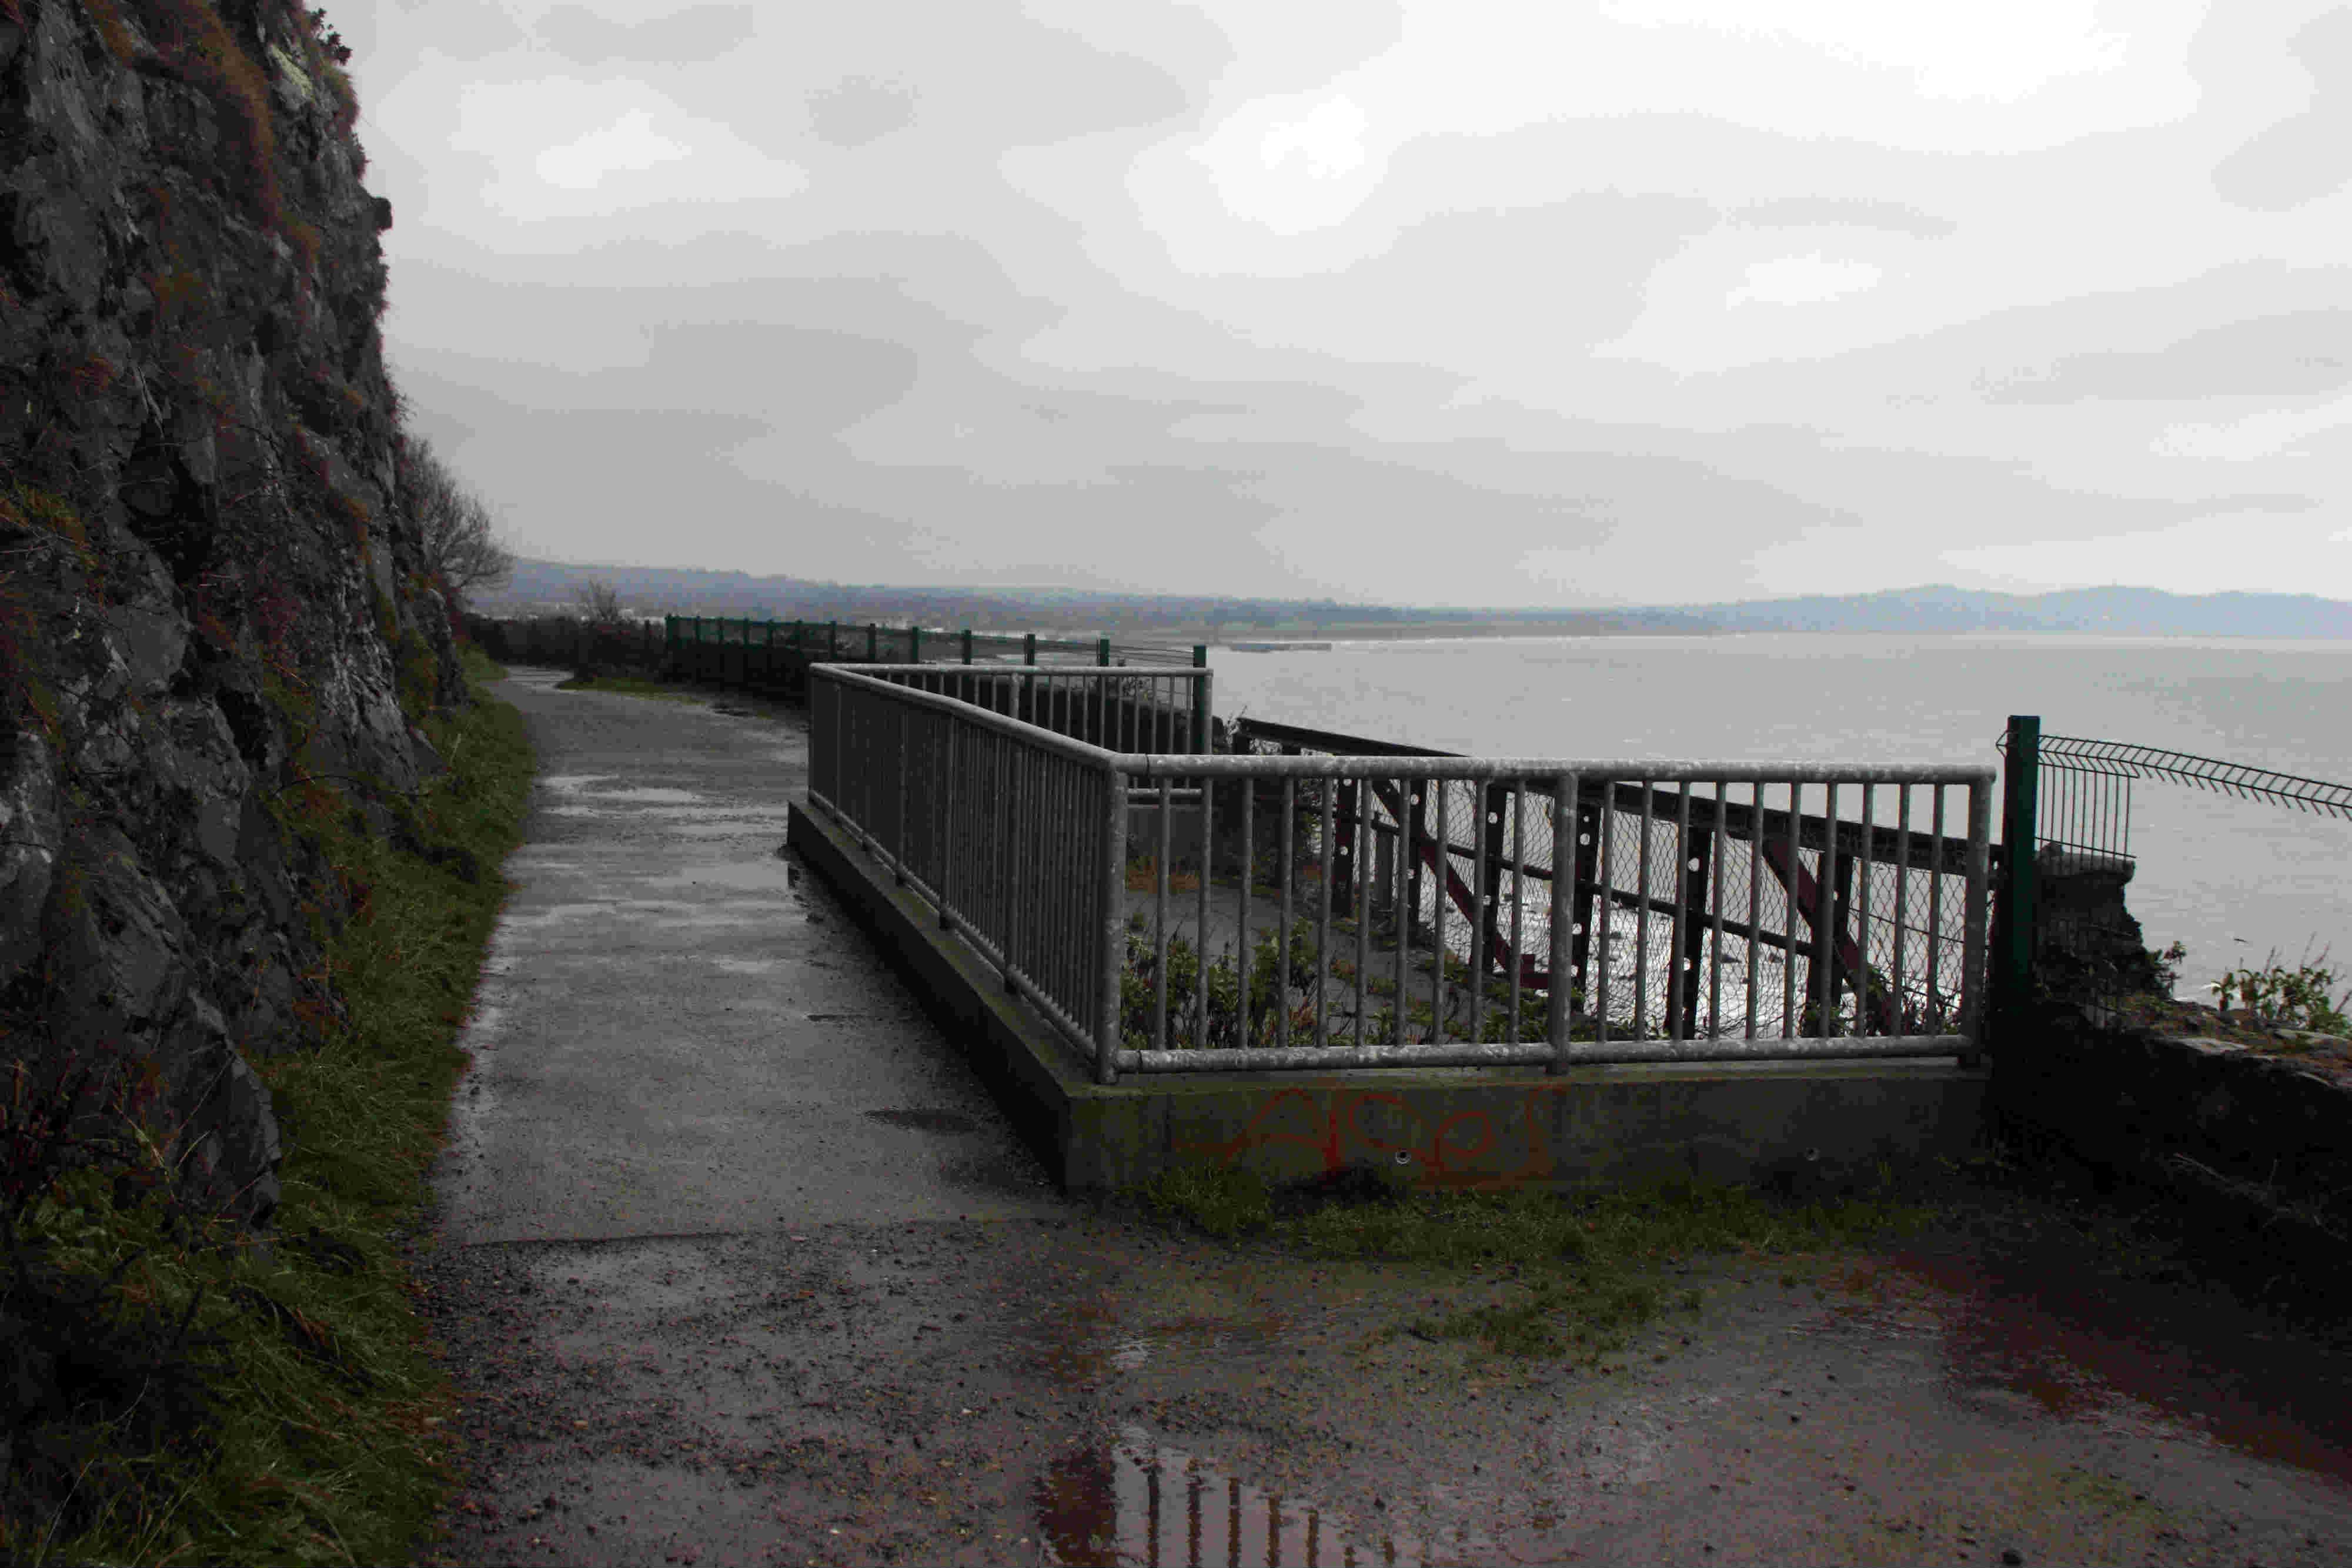 McFarland Associates Bray Head footbridges